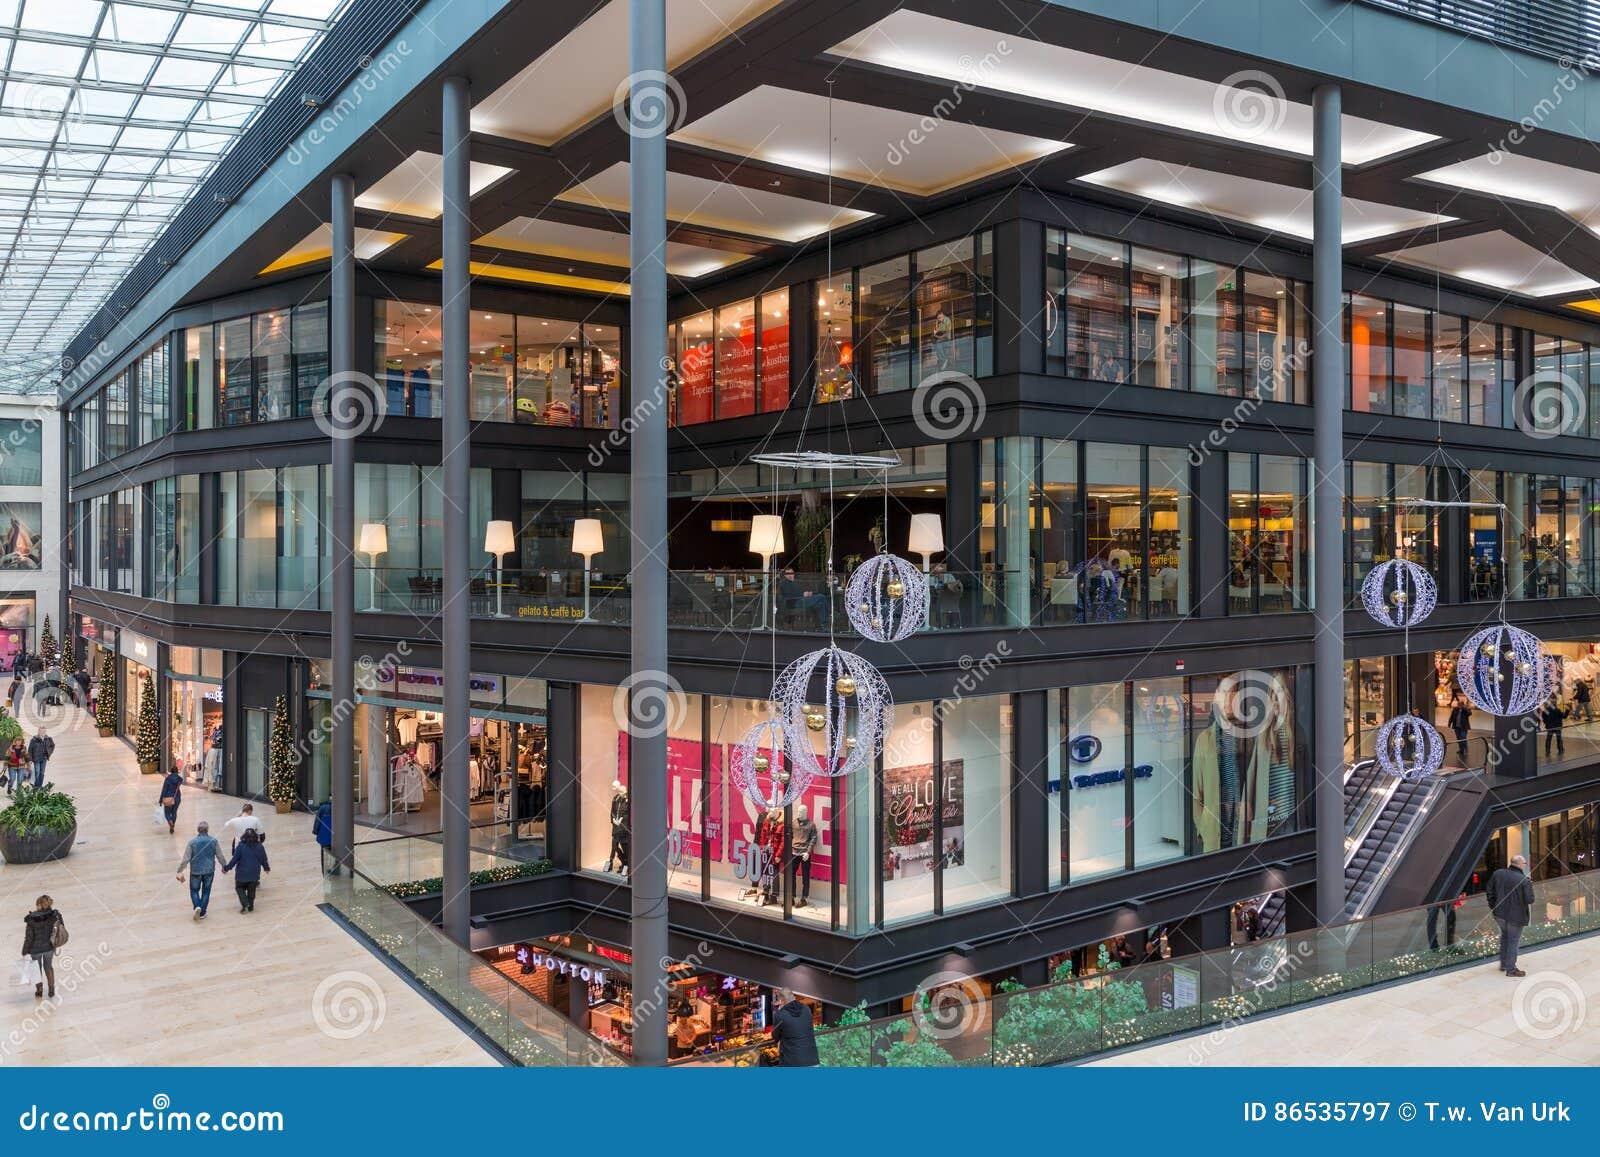 Duisburg einkaufszentrum. ⭐ Forum Duisburg. 2019 10 31